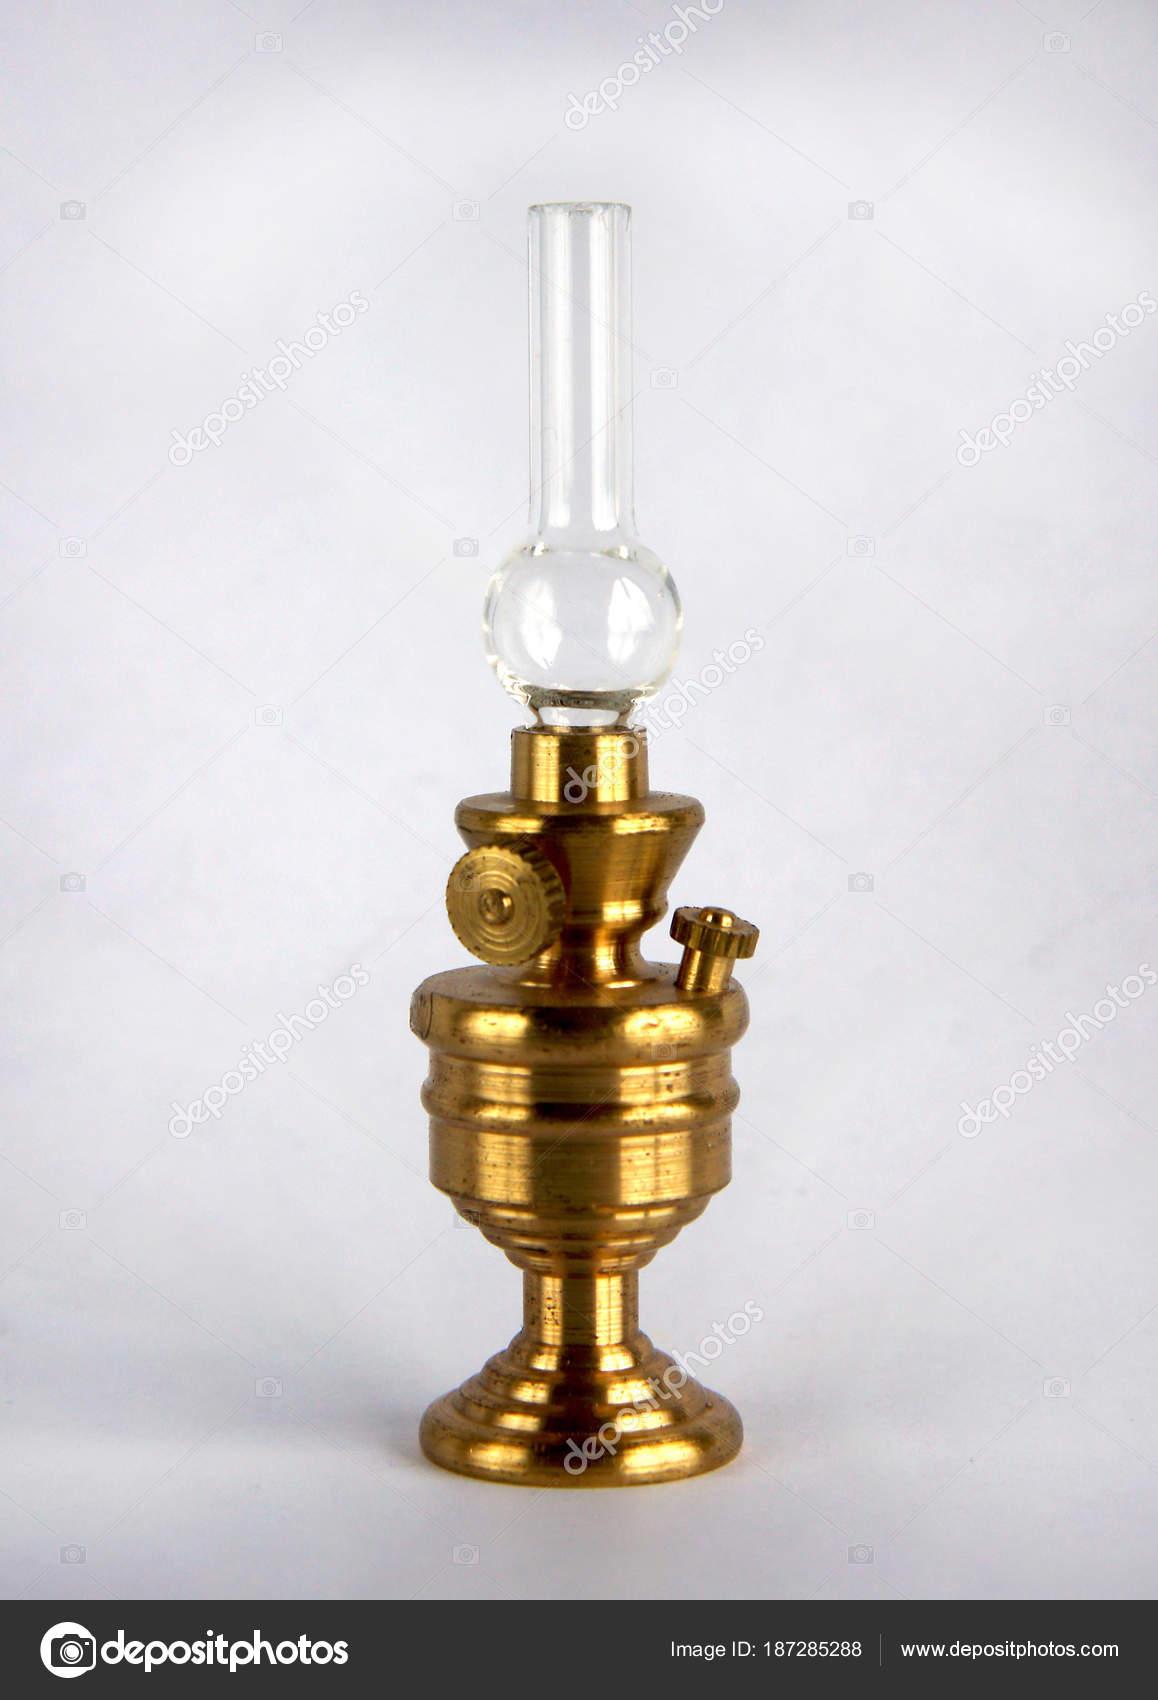 Vintage Kerosene Lamp Stock Photo C V Nikitenko 187285288